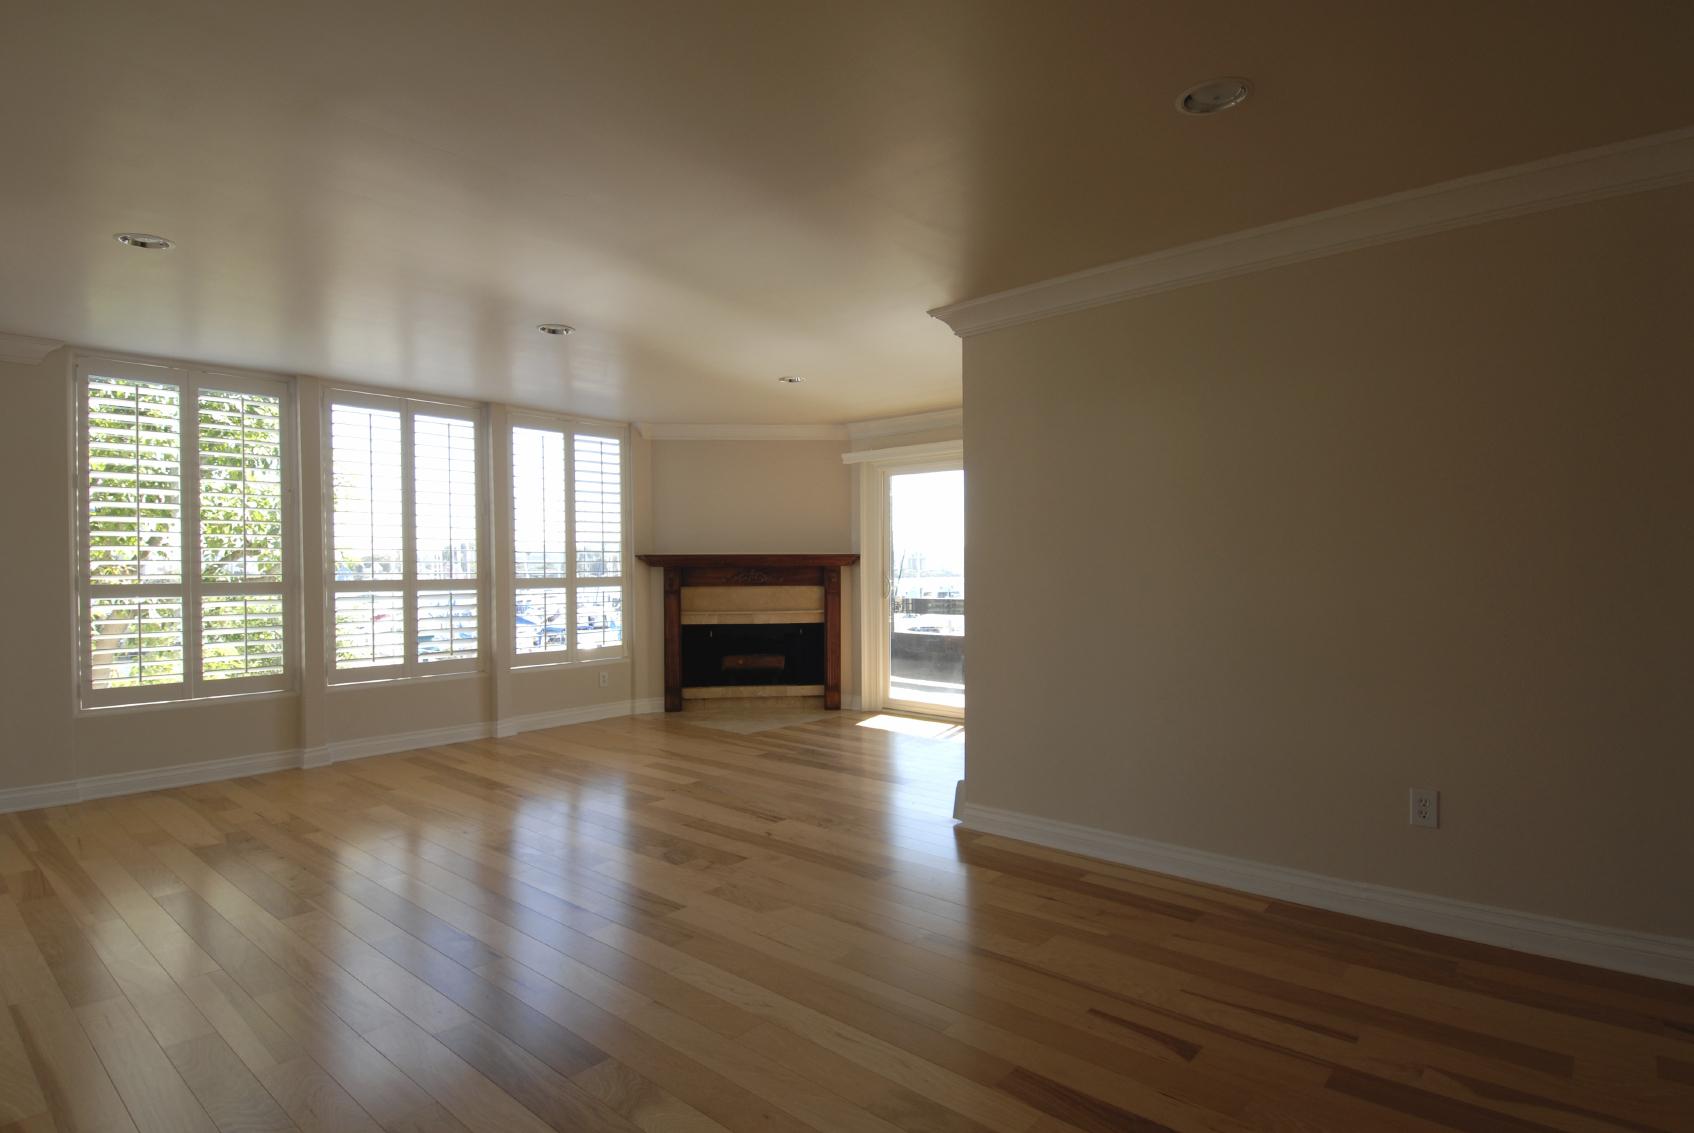 Atlanta Flooring Installed in 2013 by Metro Atl. Floors Inc.